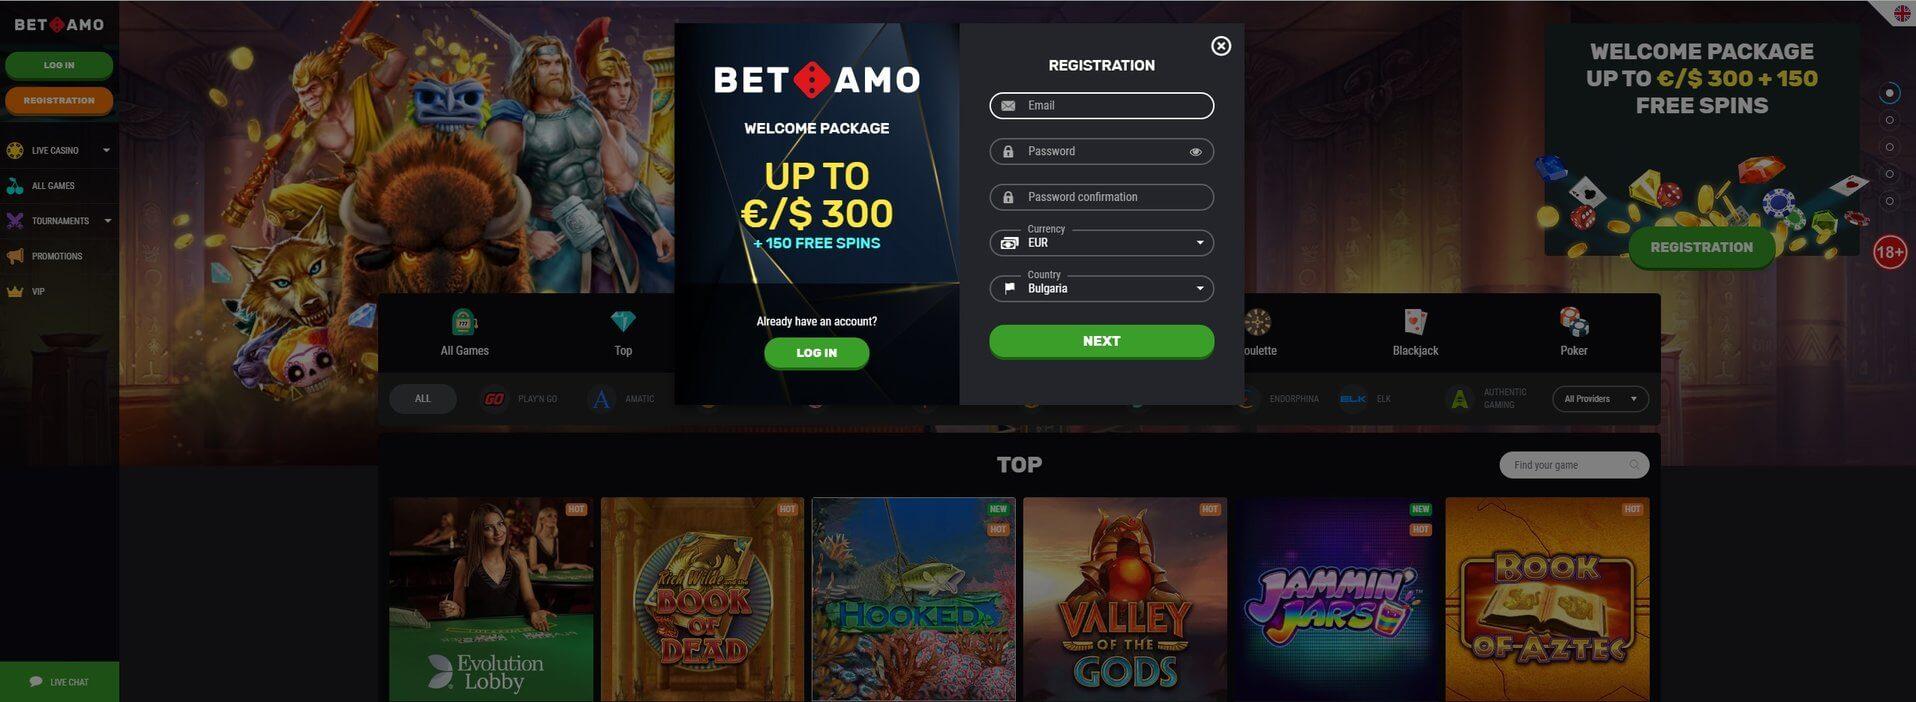 Betamo Casino Review Safe Or Scam